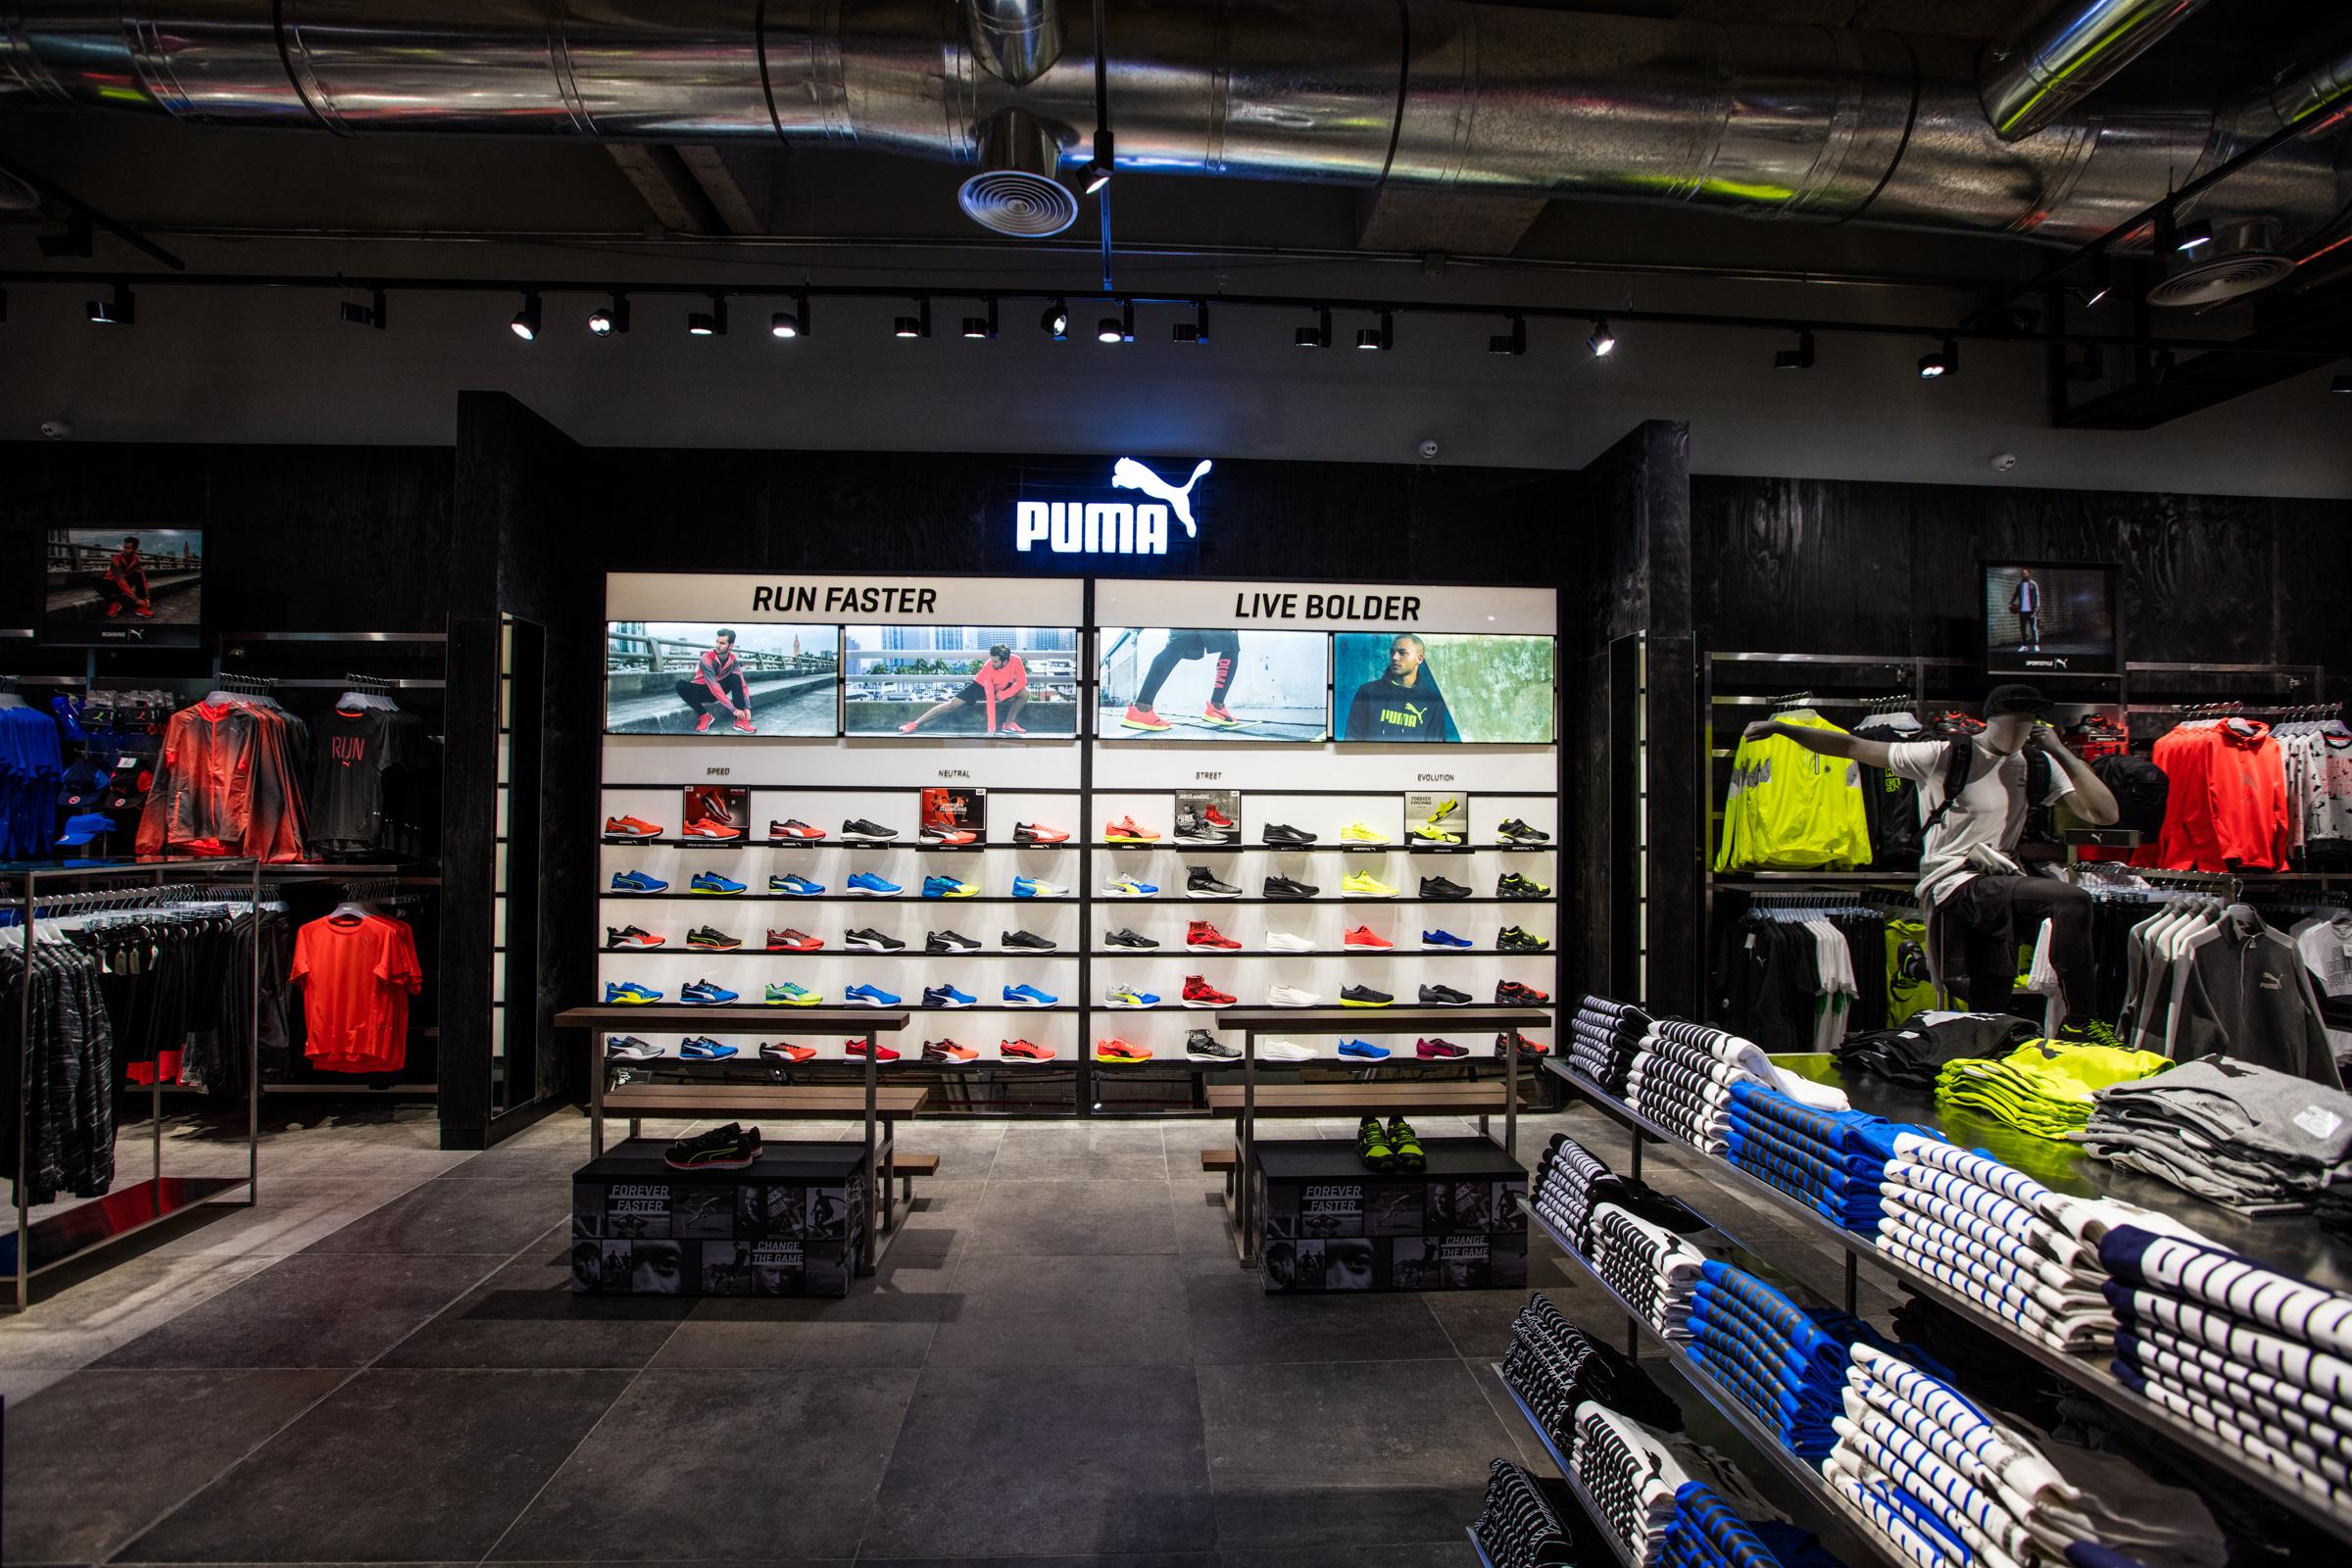 Interior tienda Puma, departamento de runner.